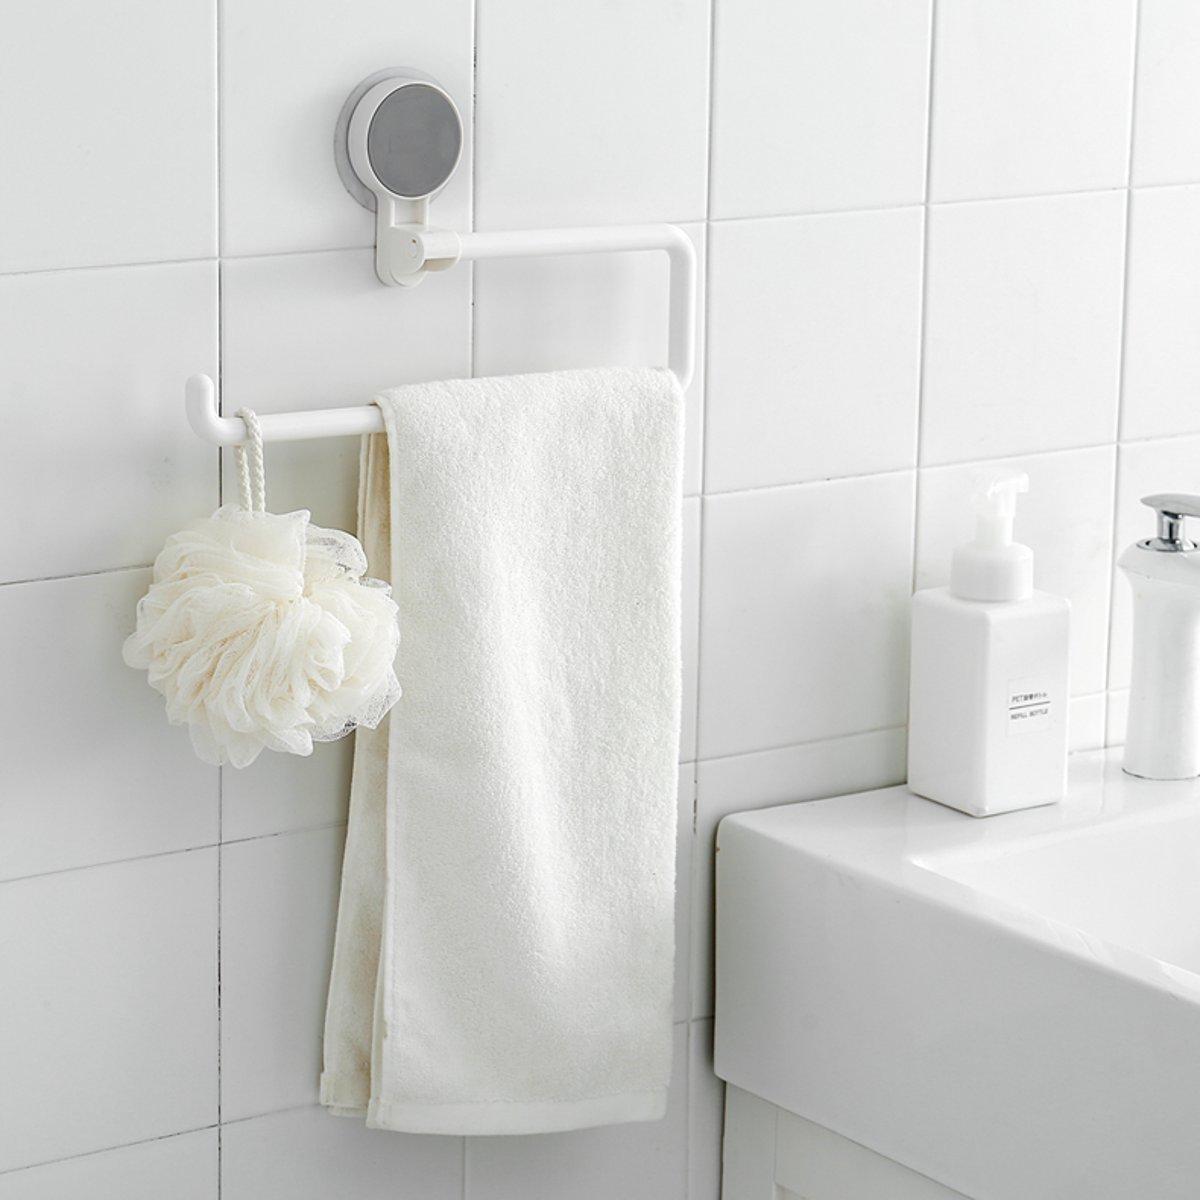 Papierrolhouder Toilet Keuken Tissue Handdoek Organisator Opknoping Plank Rack - 3